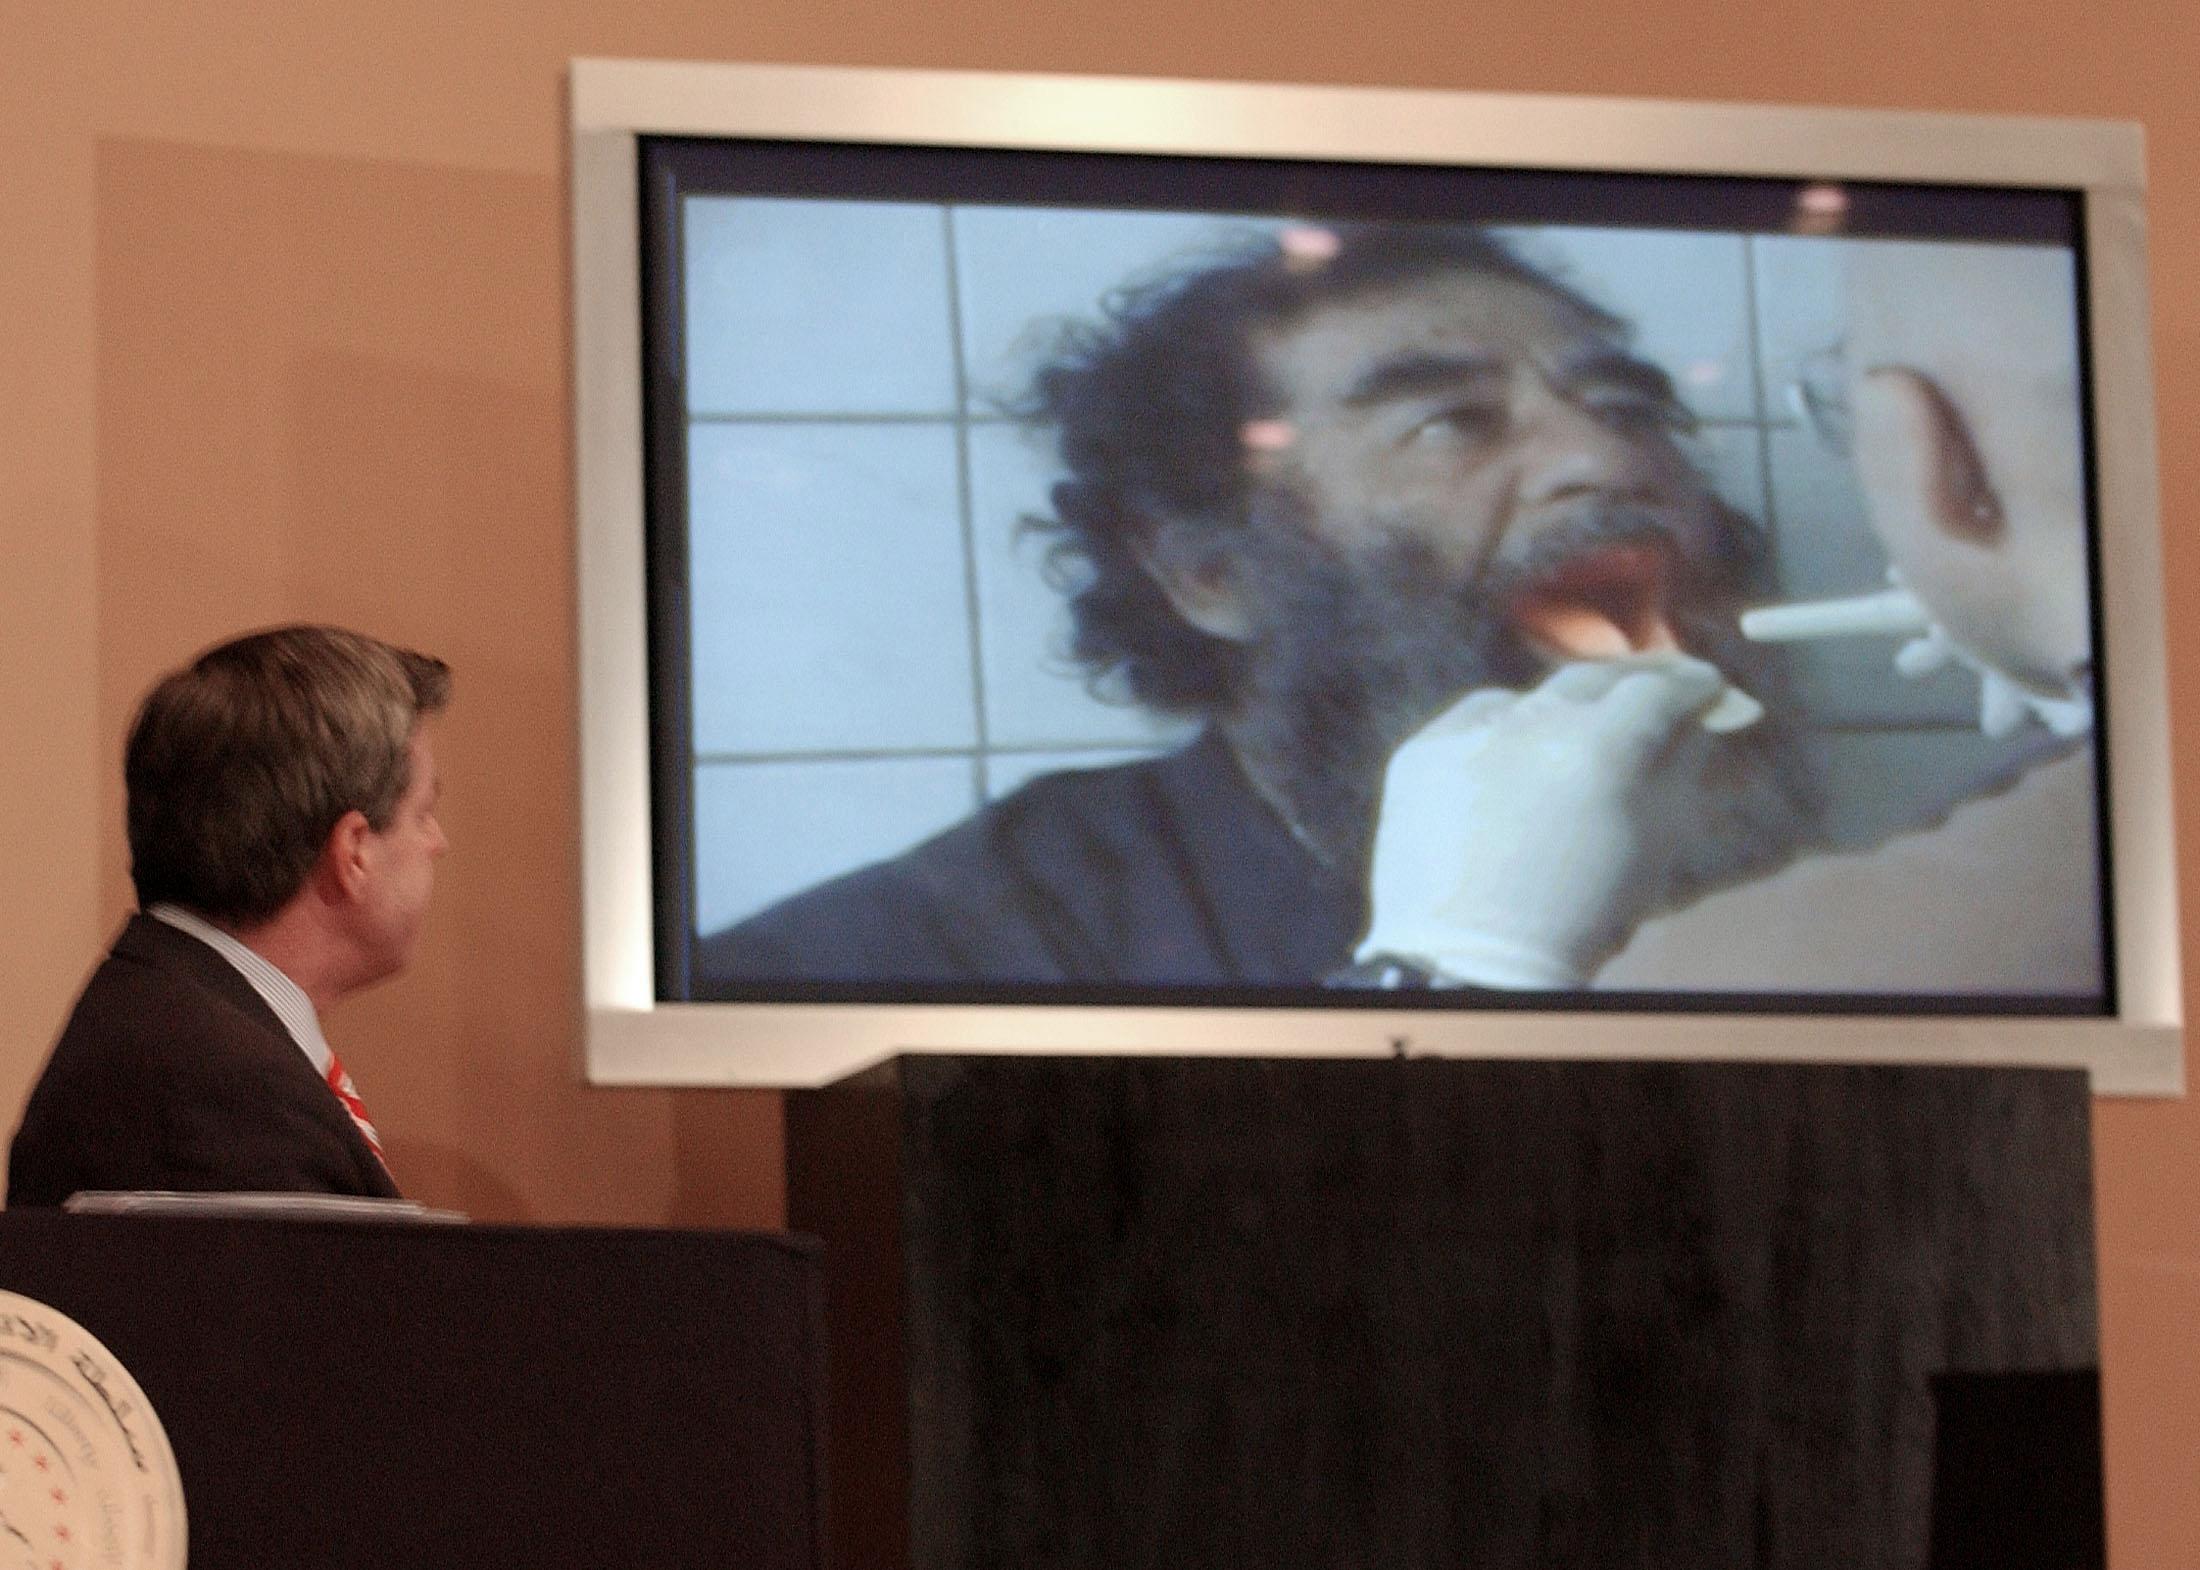 """في مقابلة أجريت في عام 2008 قال ديفيس إن صدام في وقت اعتقاله """"كان مجرد رجل عجوز مريض"""